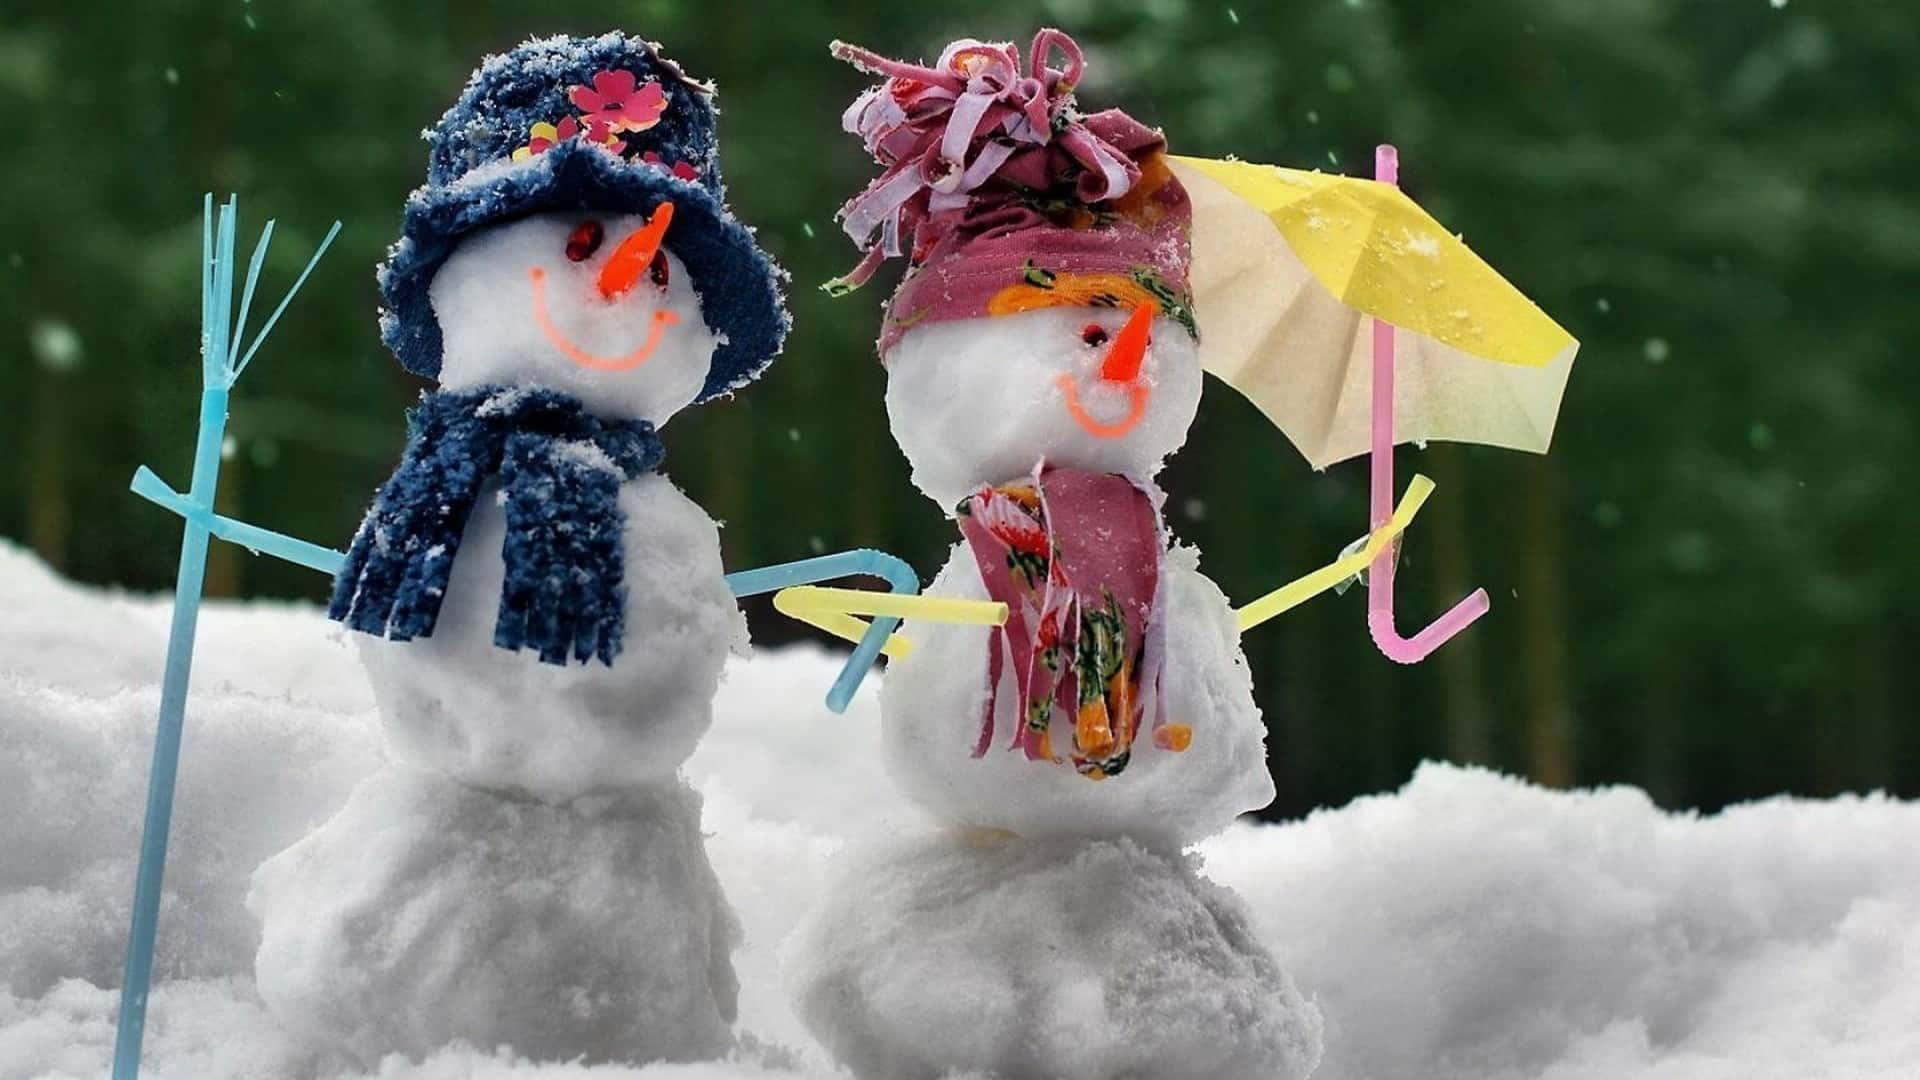 мобильный рассеиватель, прикольные картинки про зиму и новый год жизни все радости